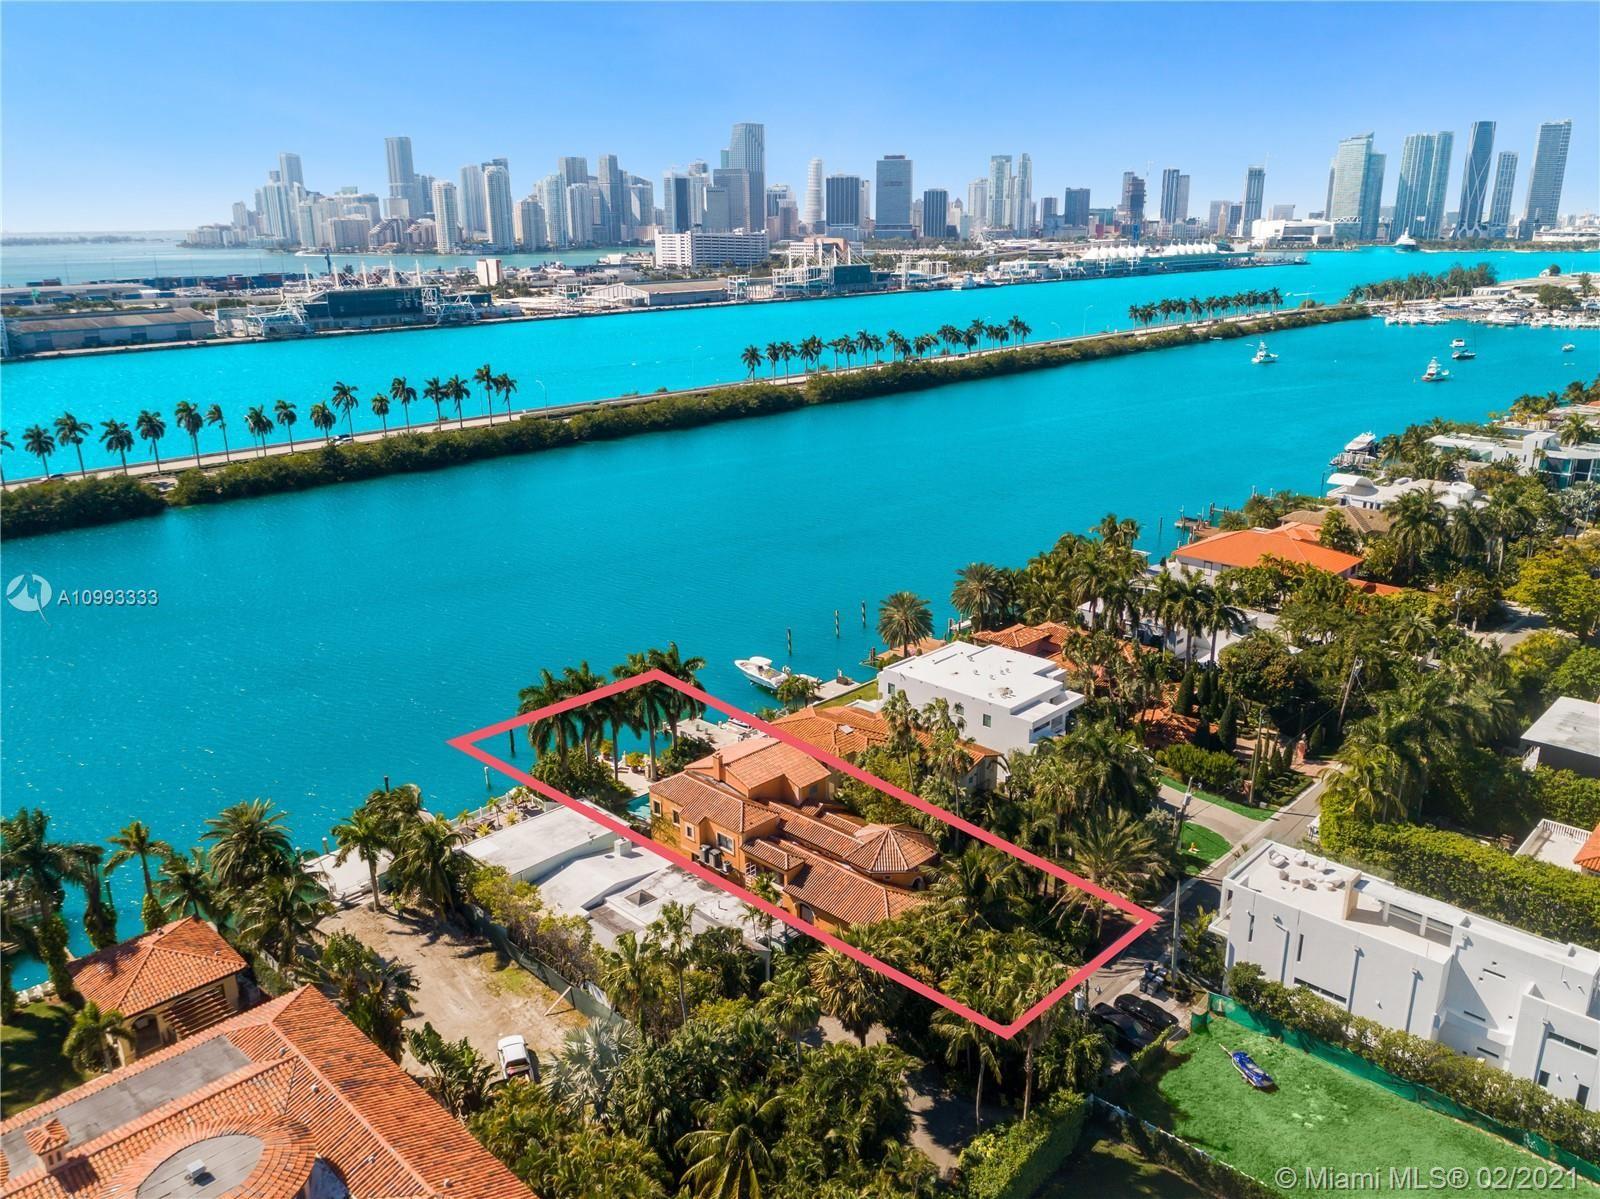 222 S Coconut Ln, Miami Beach, FL 33139 - #: A10993333